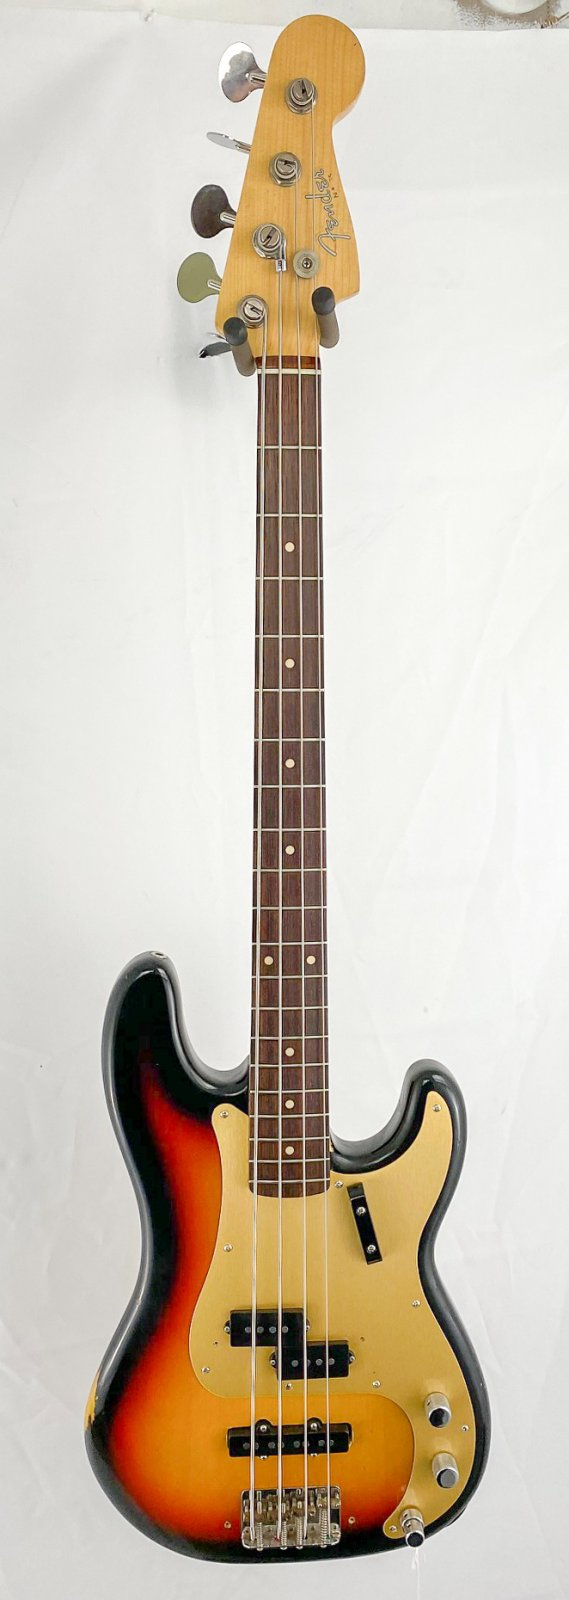 2007 Fender Custom Shop '59 Precision Bass NOS - w/mods